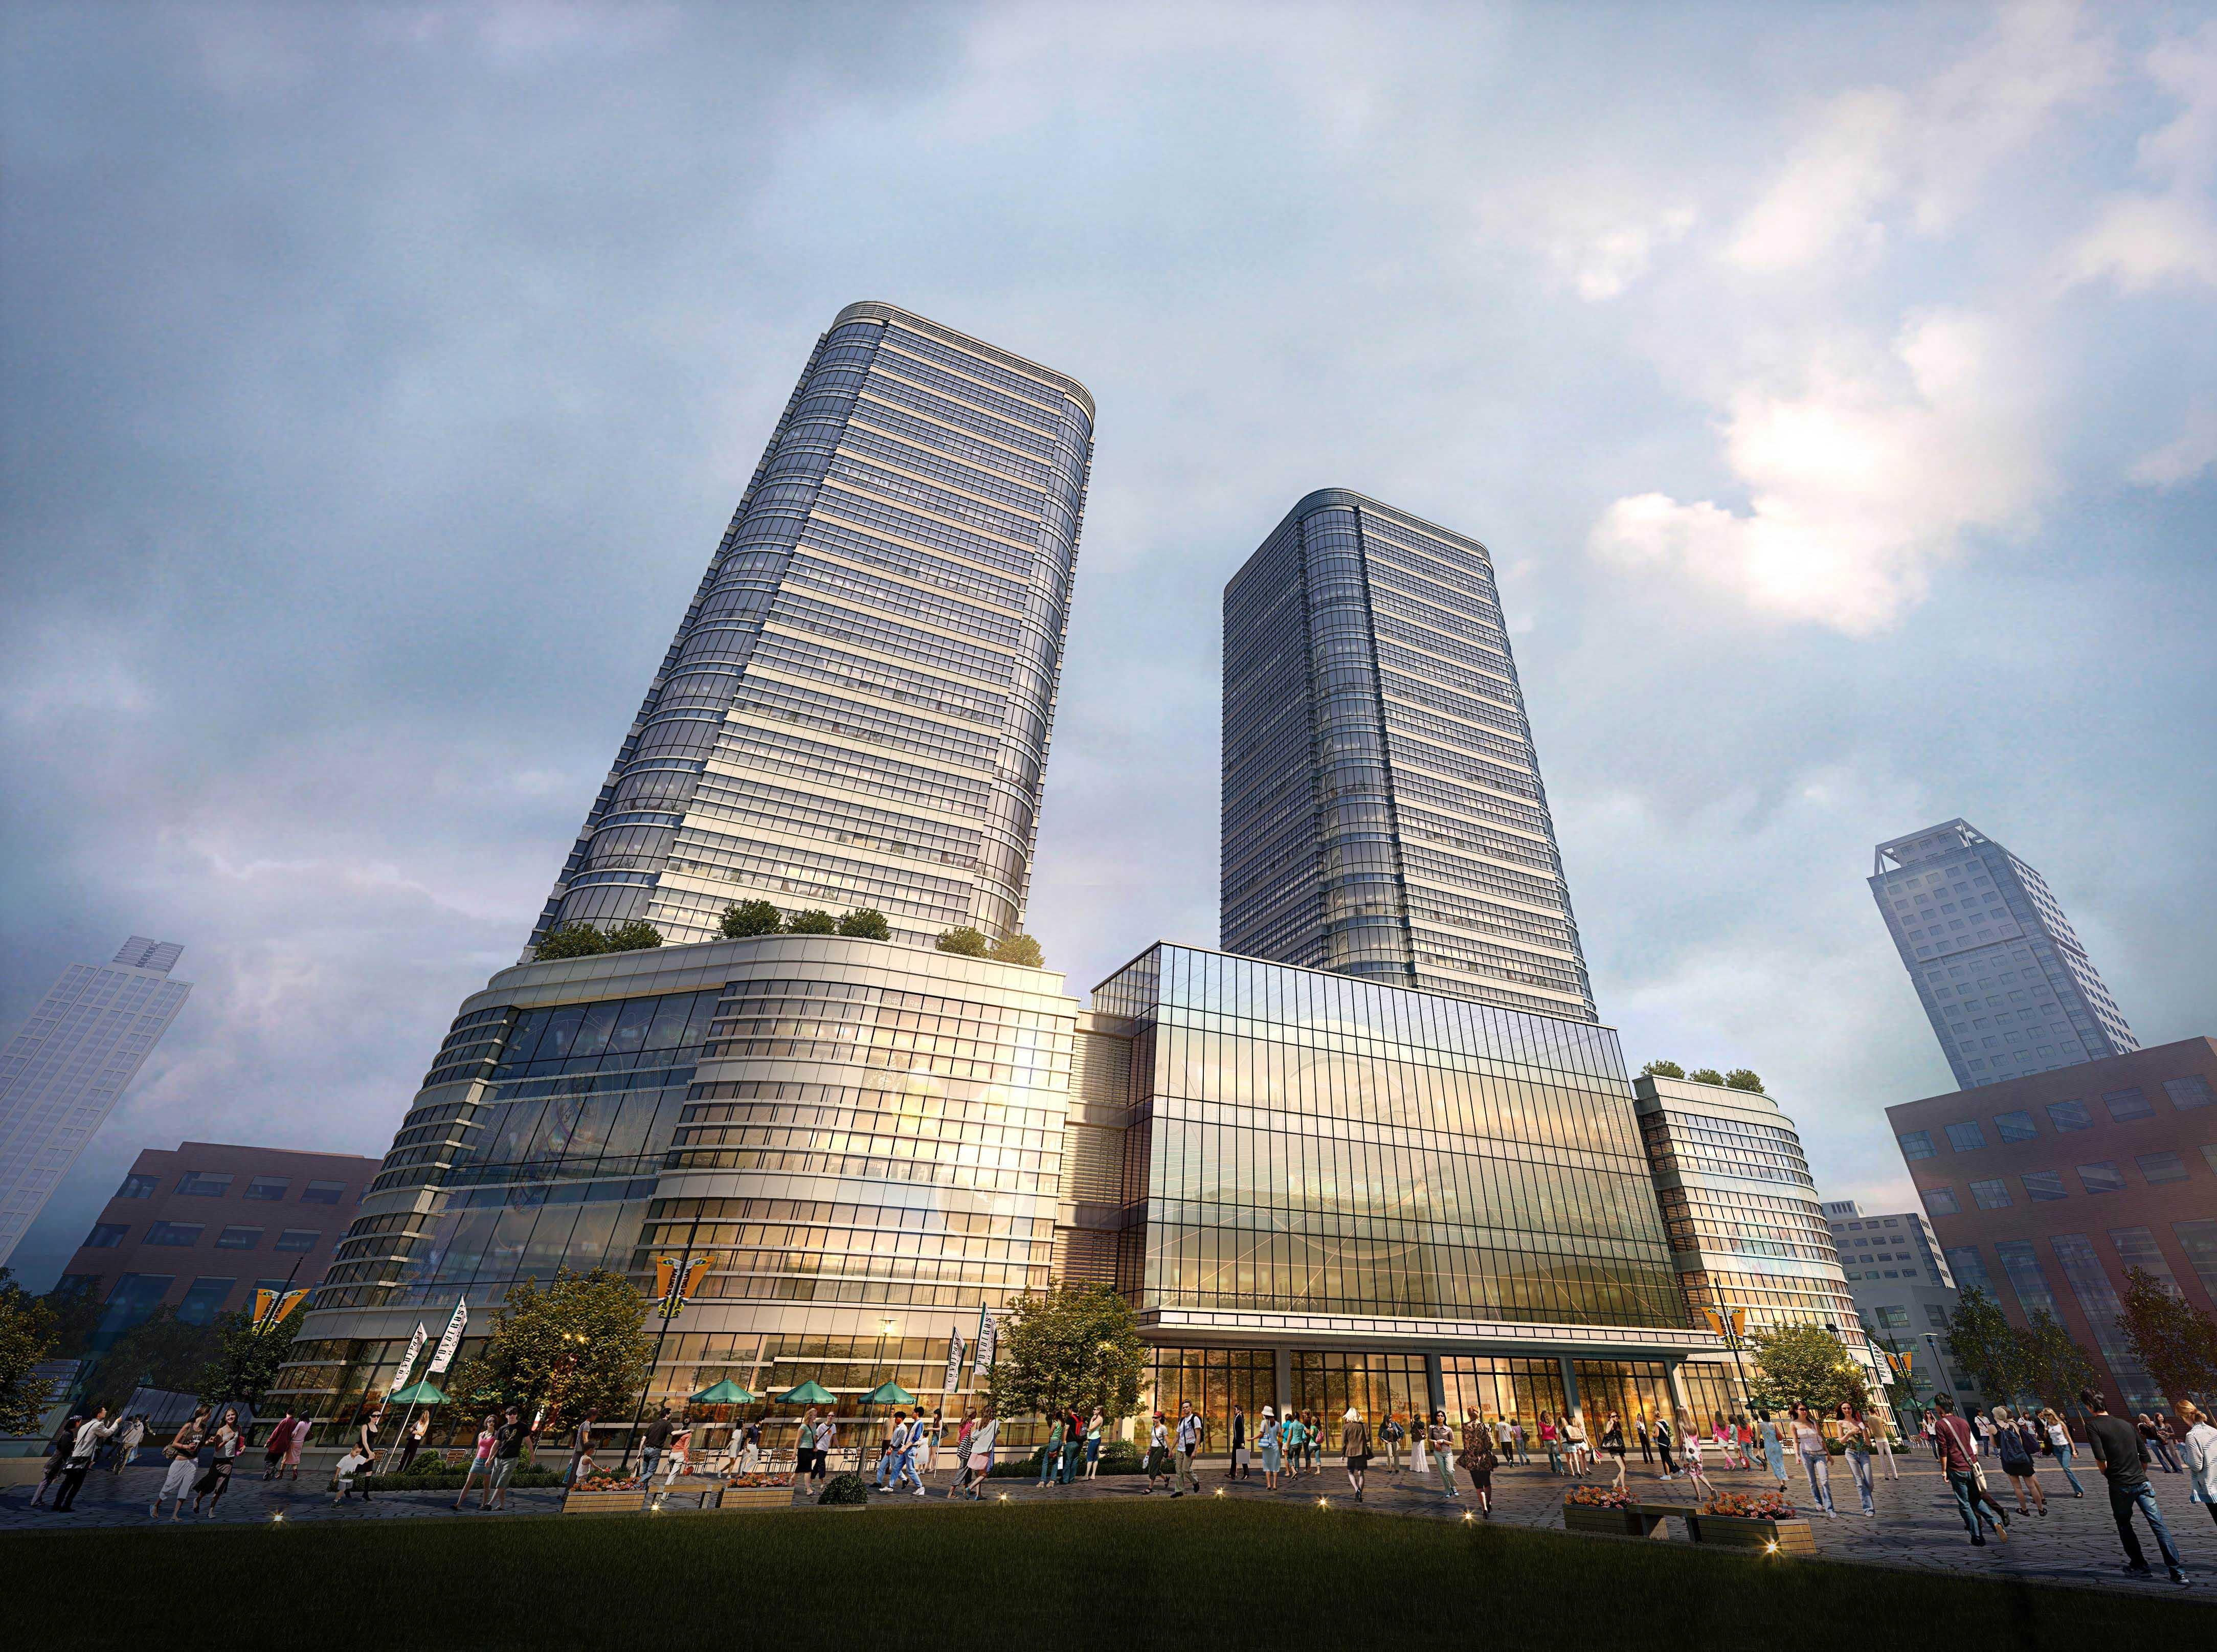 天津正融科技大厦